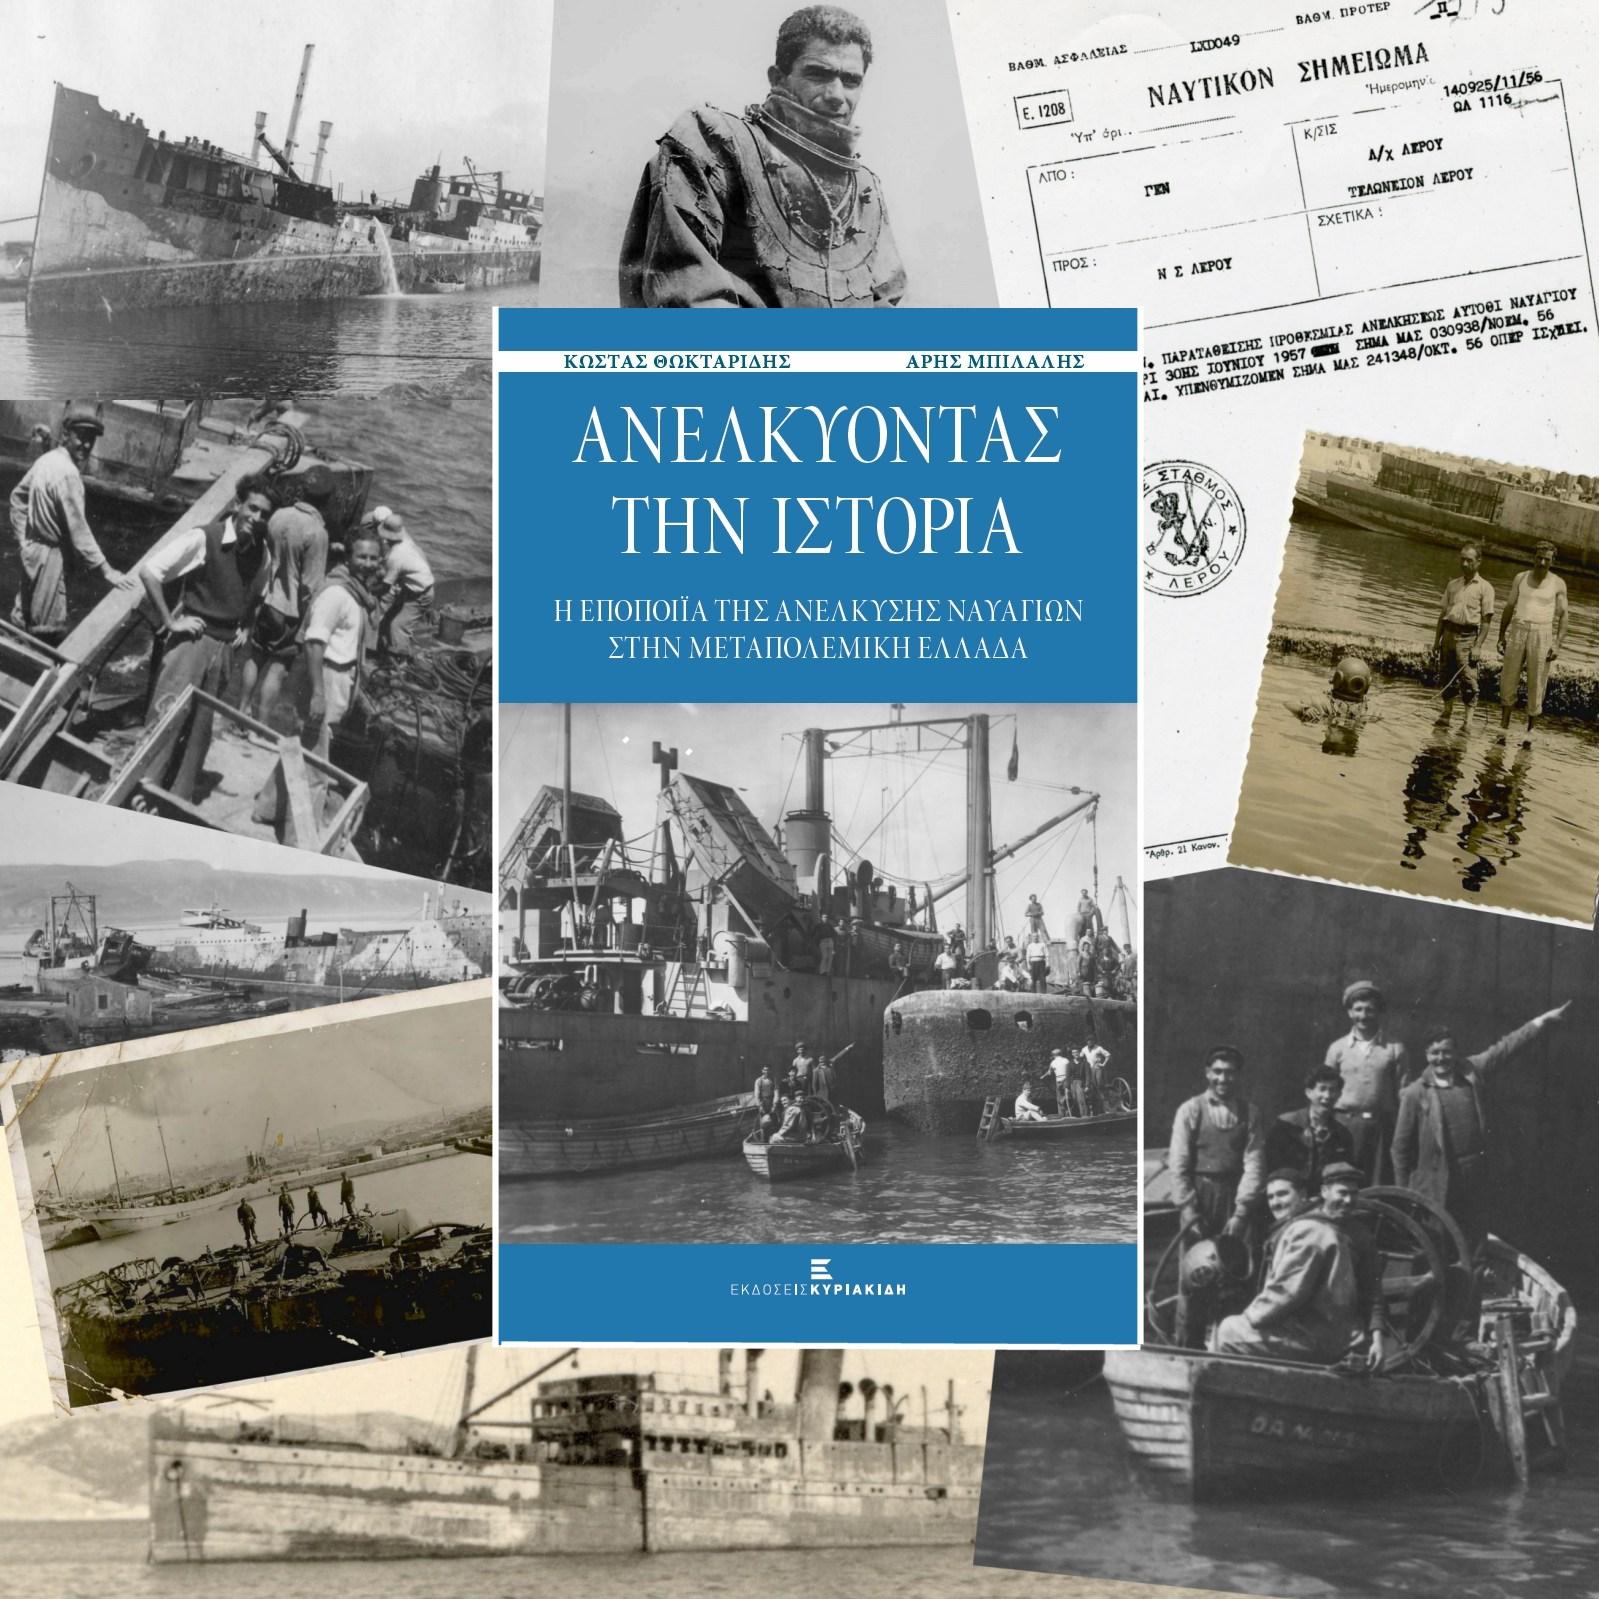 """To ναυάγιο του """"ΟΡΙΑ"""" μια από τις μεγαλύτερες ναυτικές τραγωδίες όλων των εποχών παγκοσμίως, στα νερά του Σαρωνικού το 1944"""